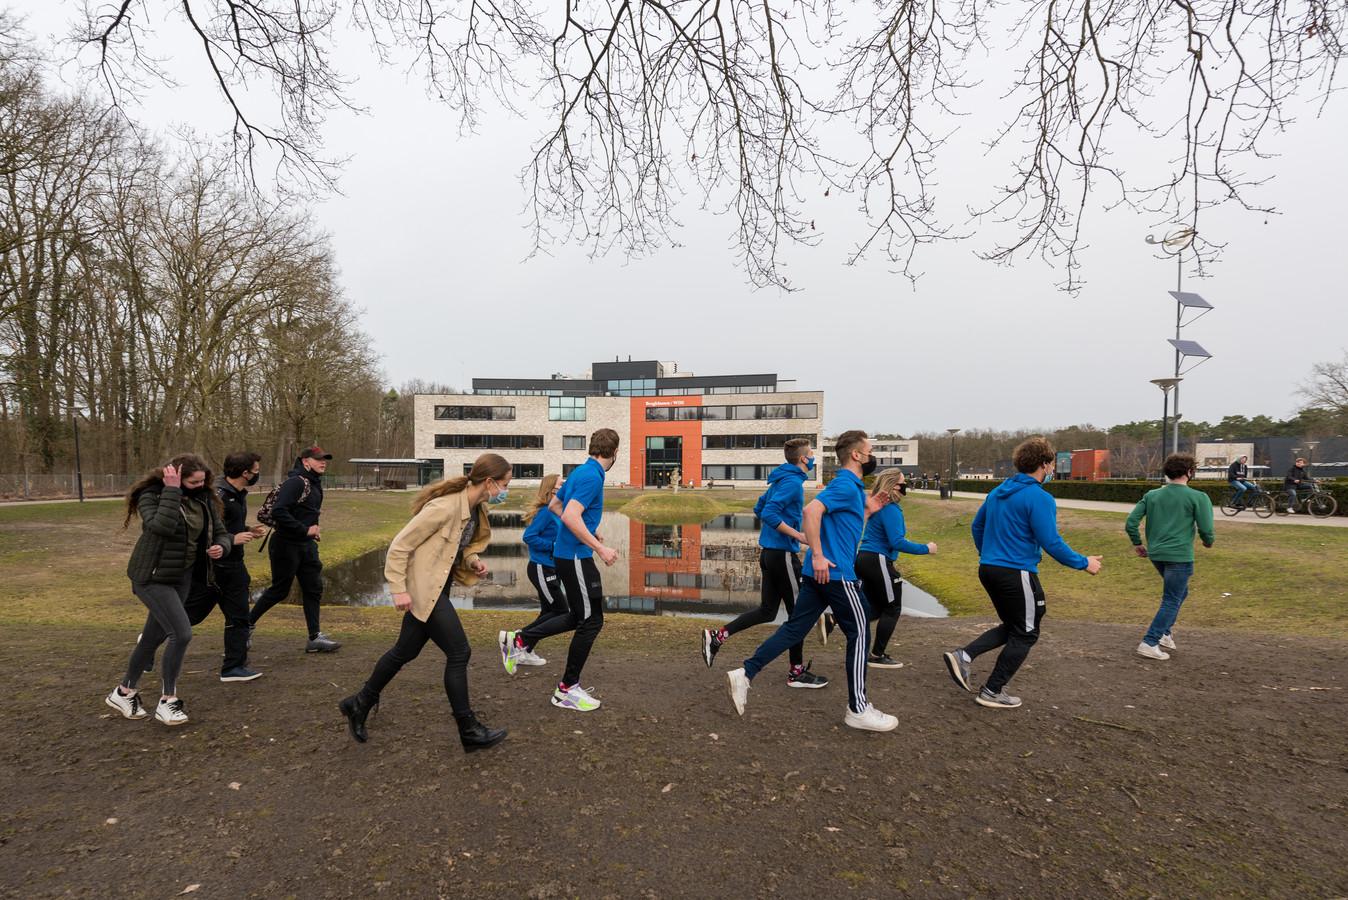 Bij Were Di in Valkenswaard vindt een sportchallenge plaats om naast aandacht voor bewegen, aandacht te hebben voor de saamhorigheid op school.